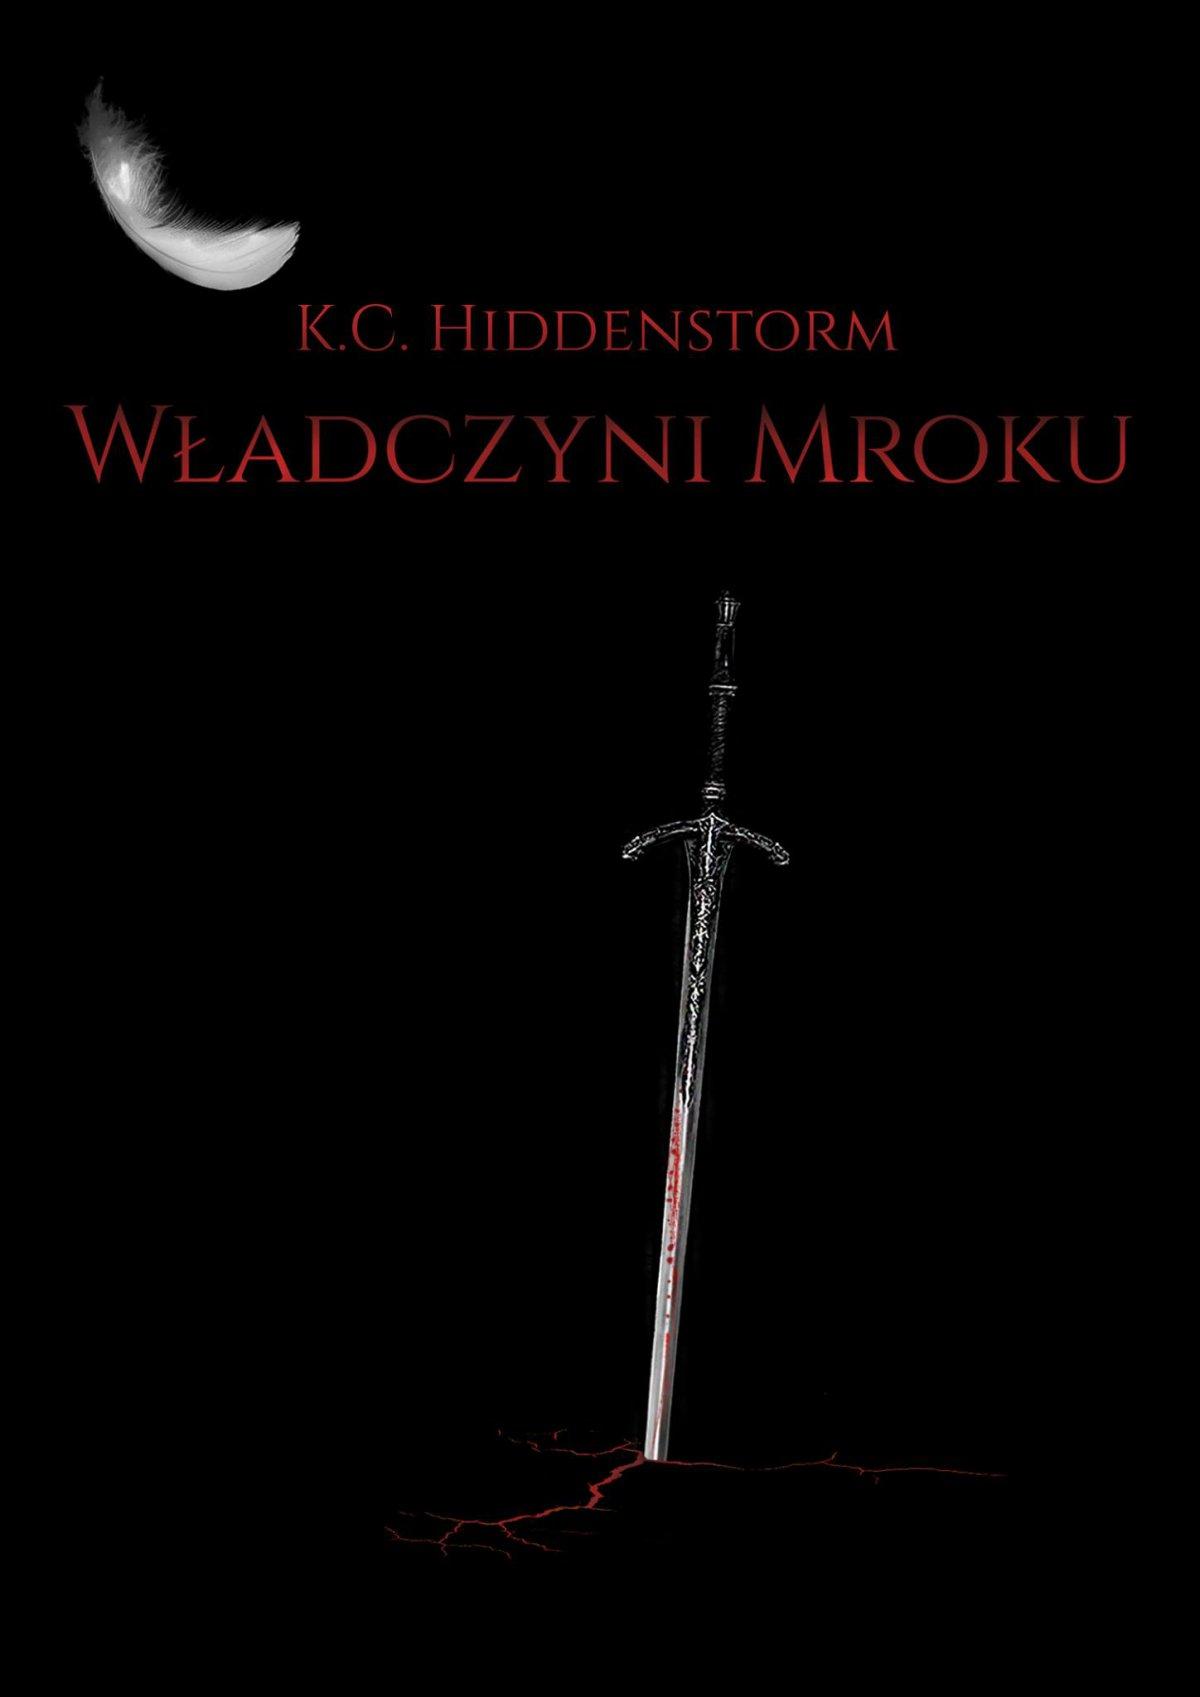 Władczyni Mroku - Ebook (Książka na Kindle) do pobrania w formacie MOBI